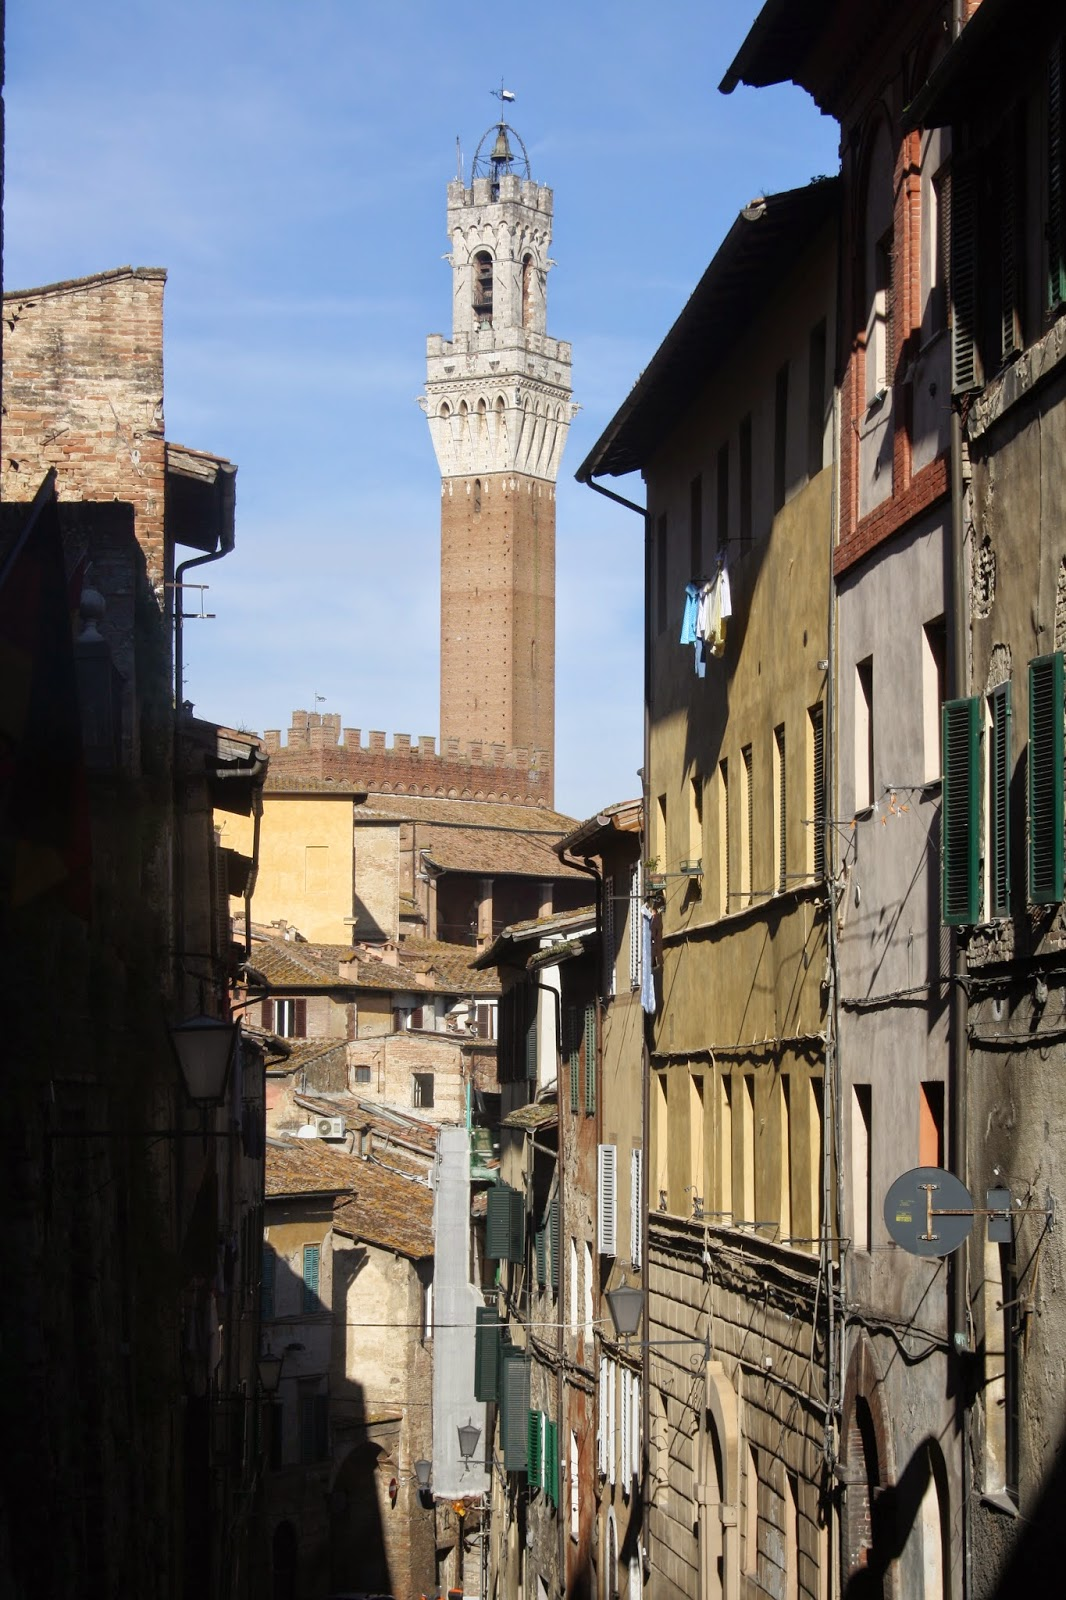 Calles del centro histórico de Siena